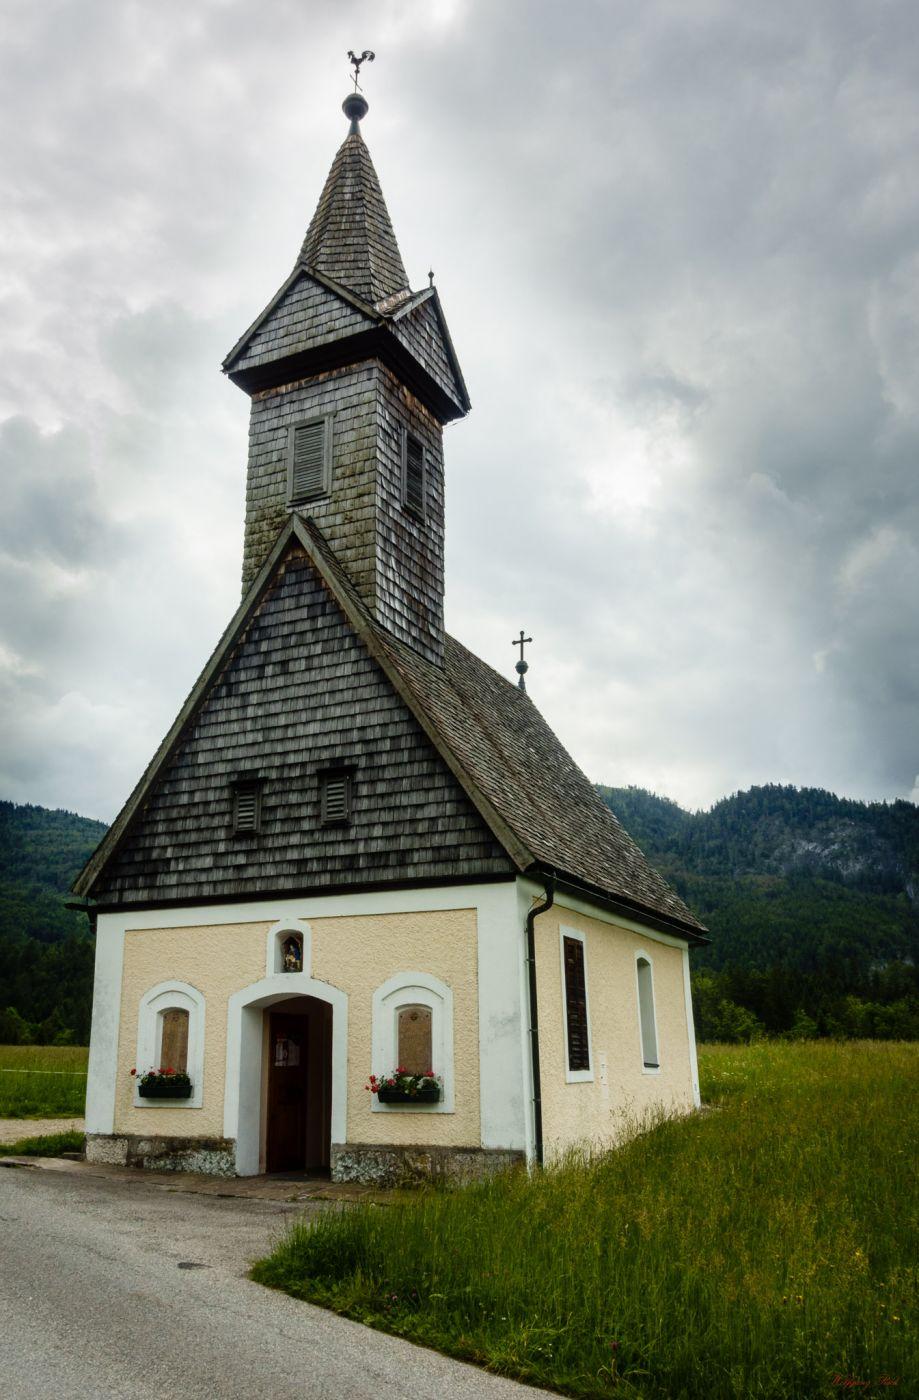 Gössl, Austria